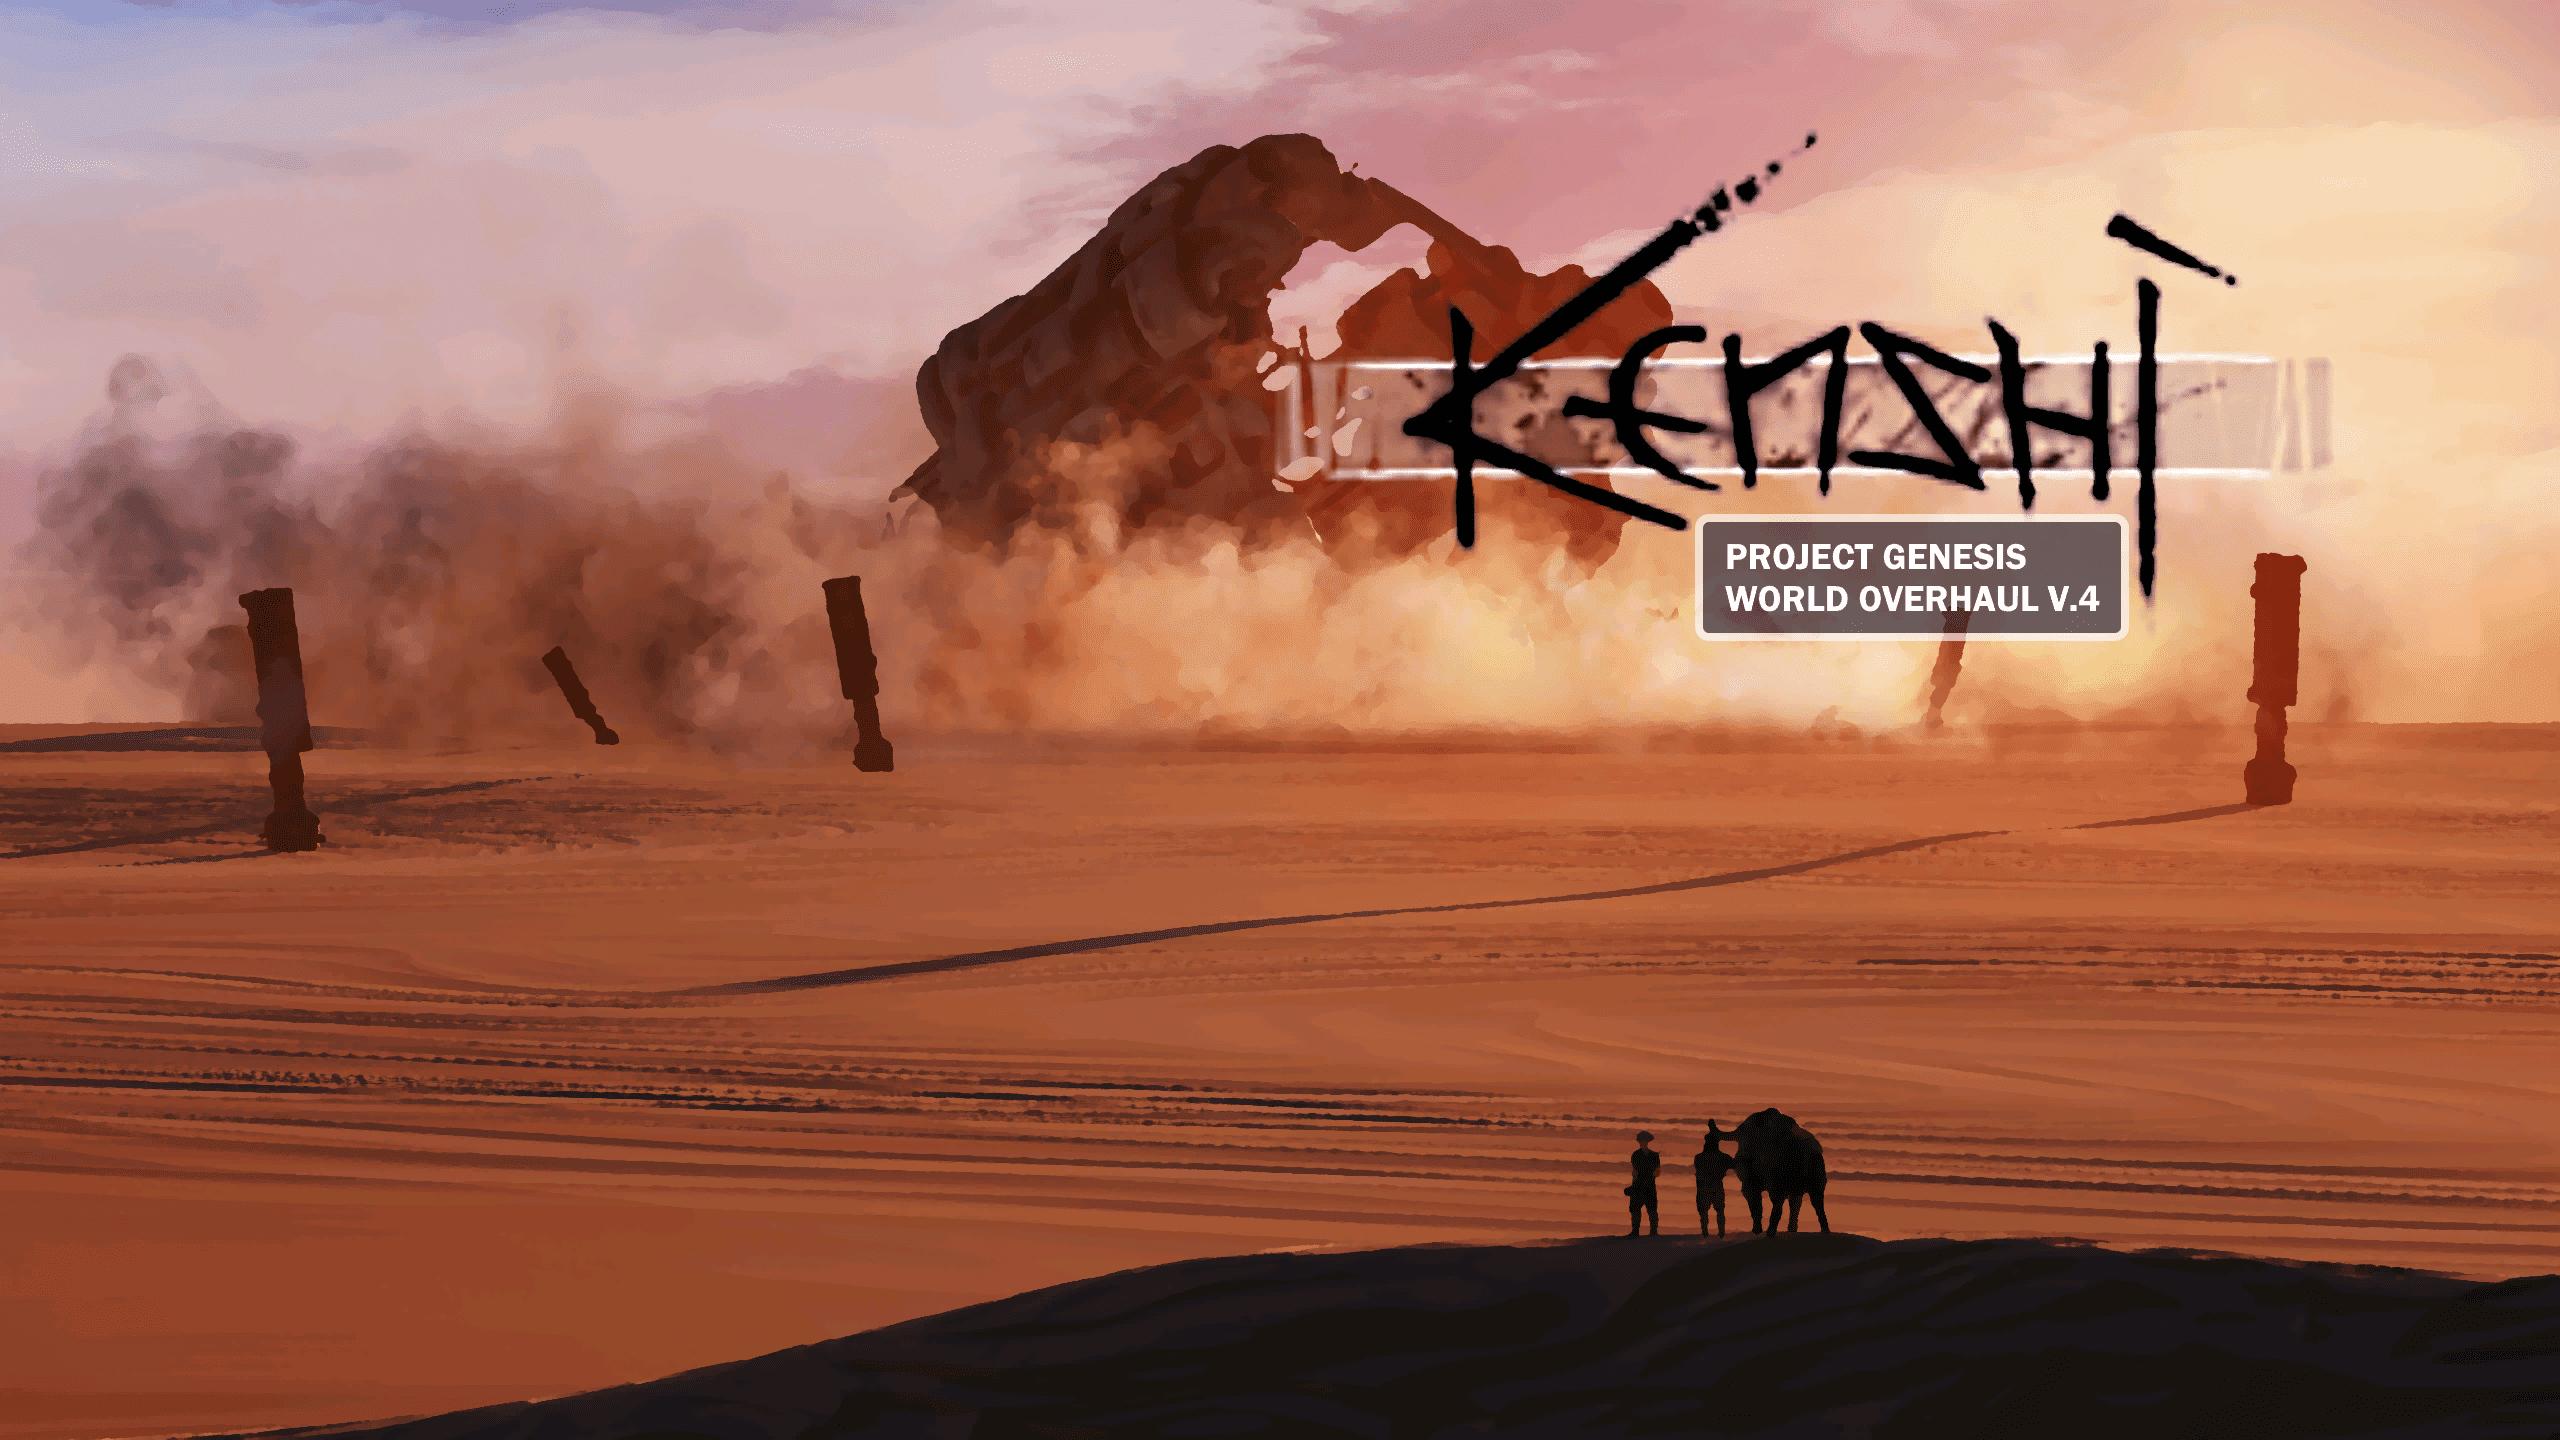 Project Genesis: World Overhaul Alpha/Проект Генезис: Капитальный ремонт (EN) (V7.0.4)